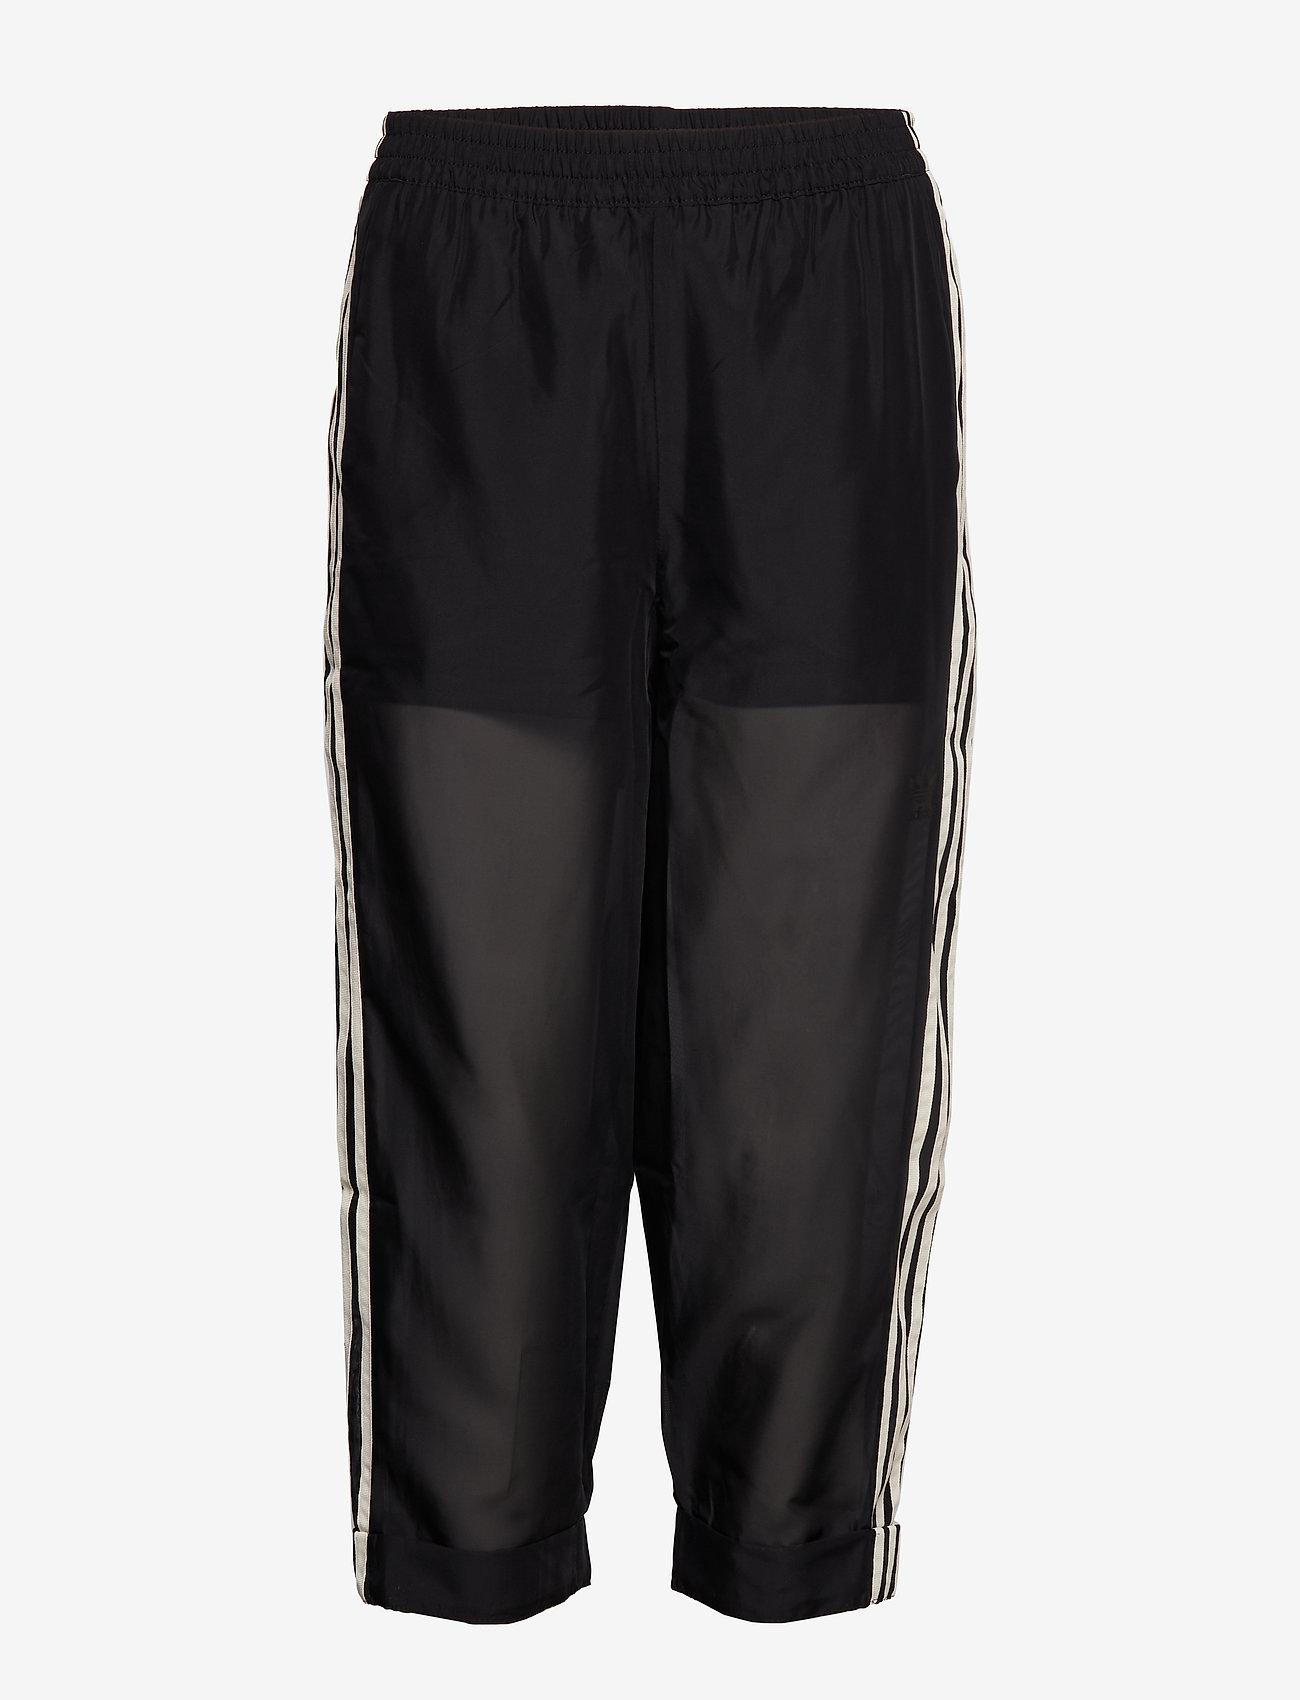 adidas Originals TRACK PANTS - Spodnie dresowe BLACK - Kobiety Odzież.